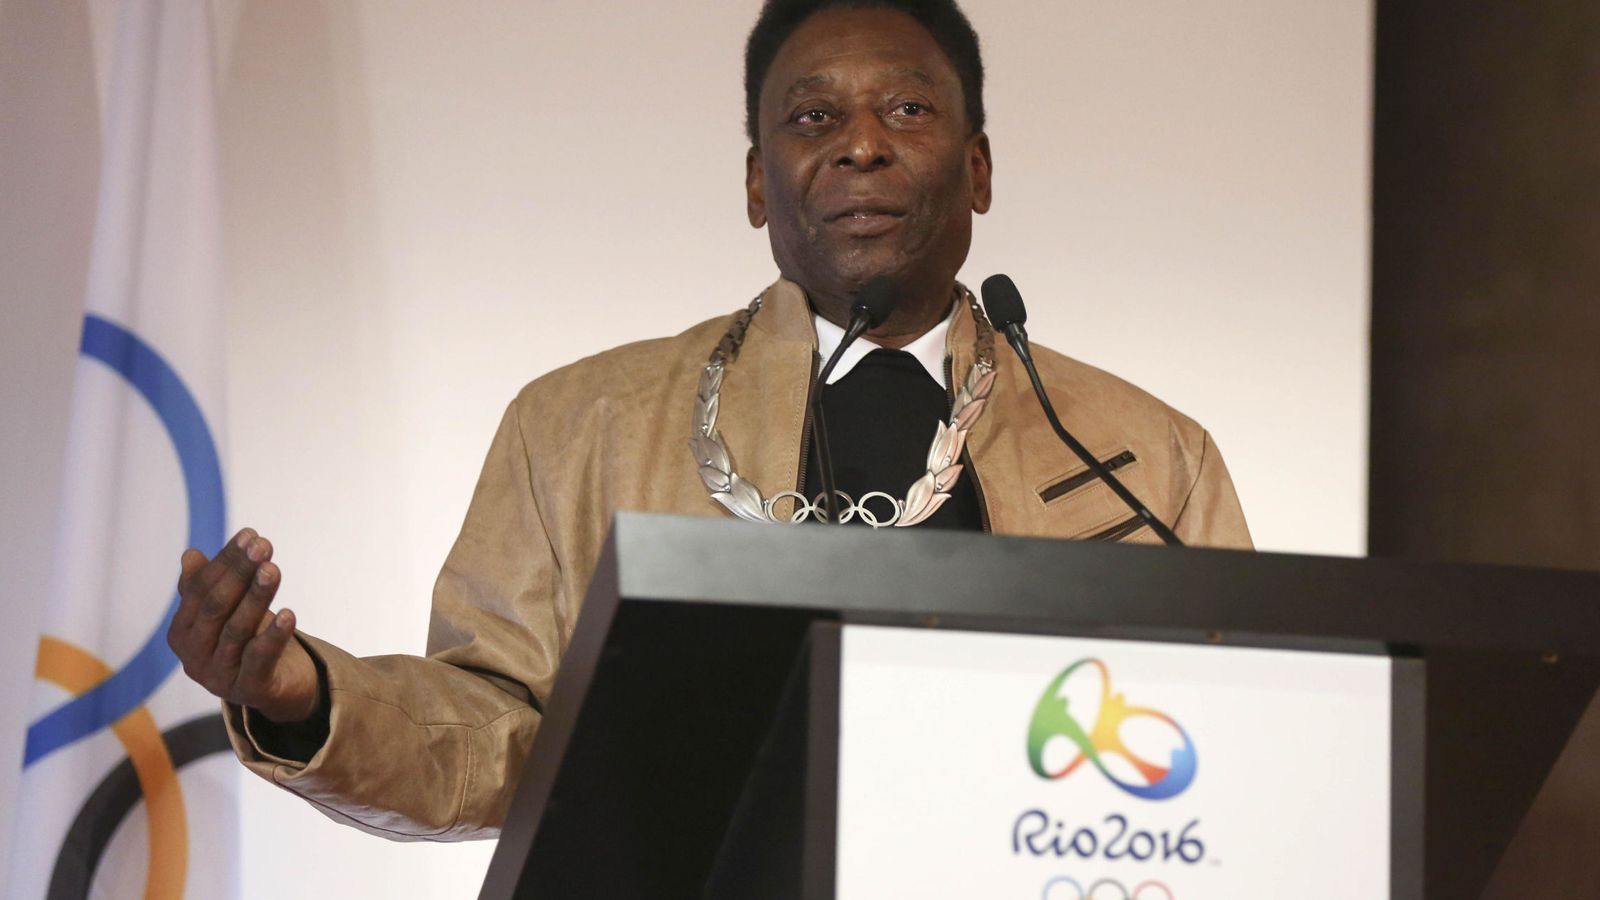 Foto: En la imagen, Pelé recibe una condecoración olímpica. (EFE=